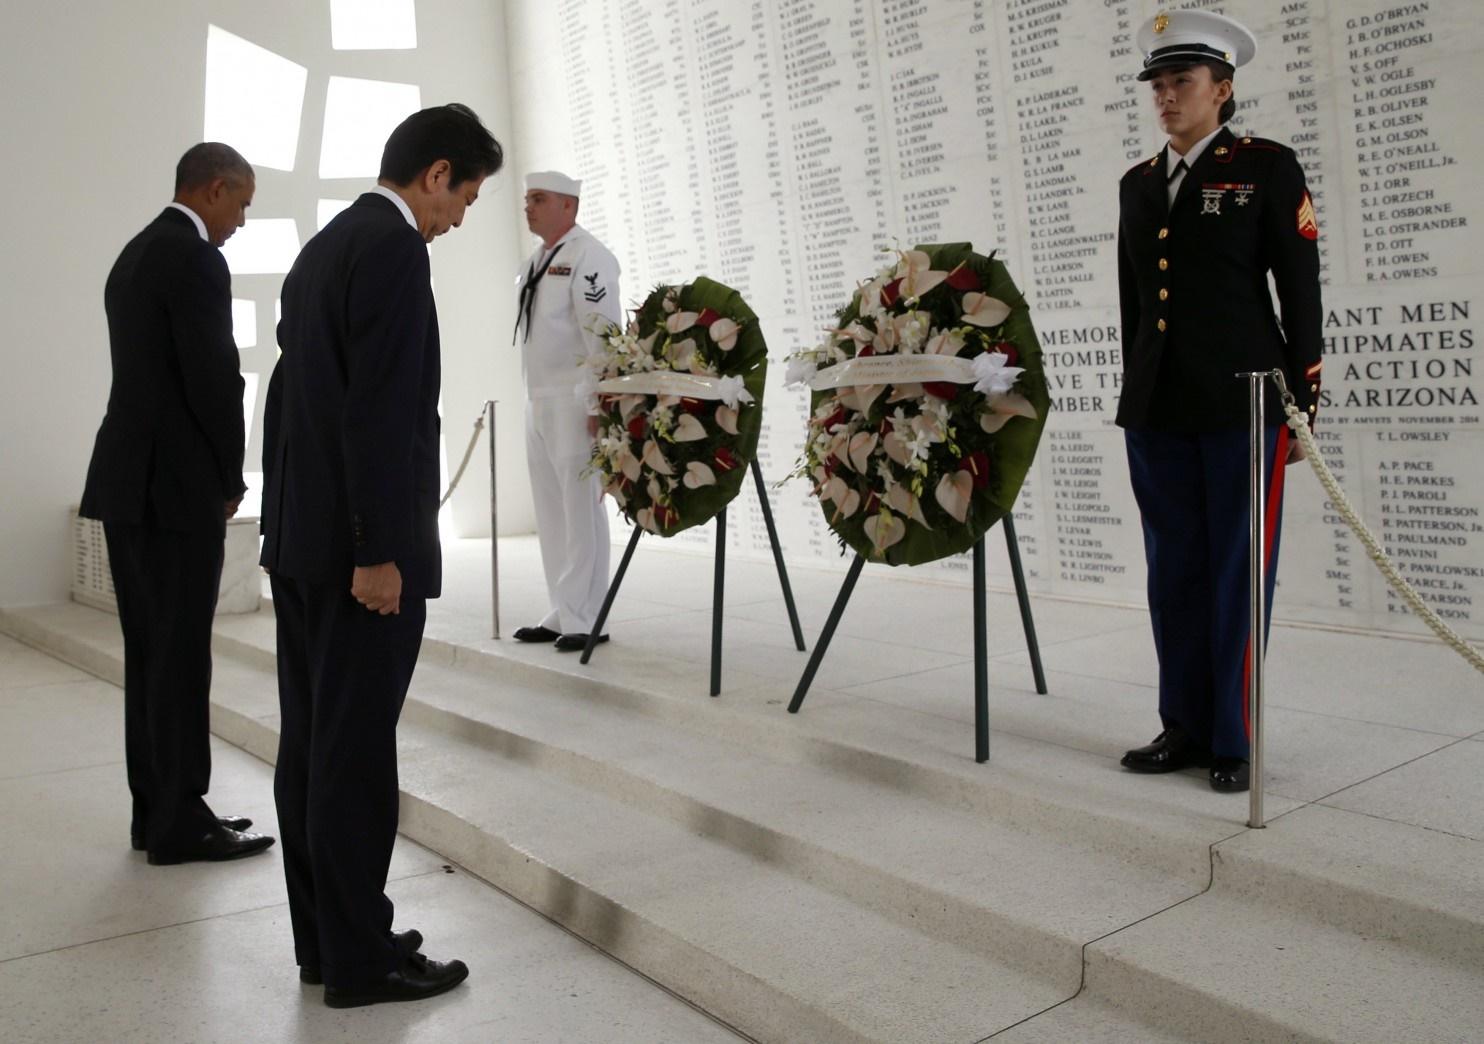 دیدار تاریخی نخست وزیر ژاپن از پرل هاربر آمریکا